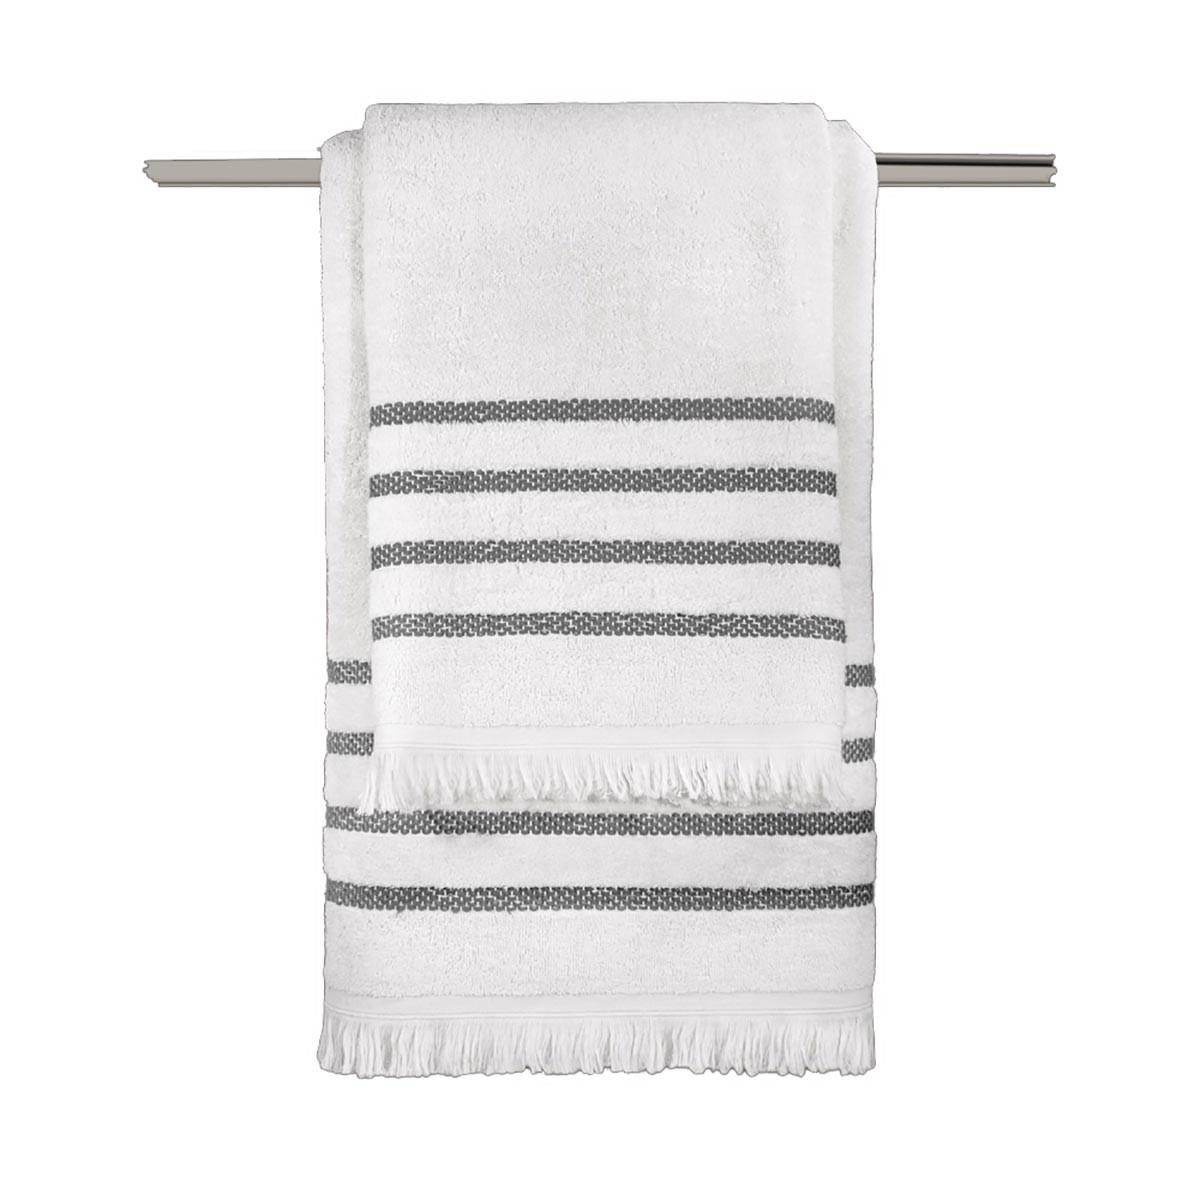 Πετσέτες Μπάνιου (Σετ 3τμχ) Guy Laroche Fabiana White